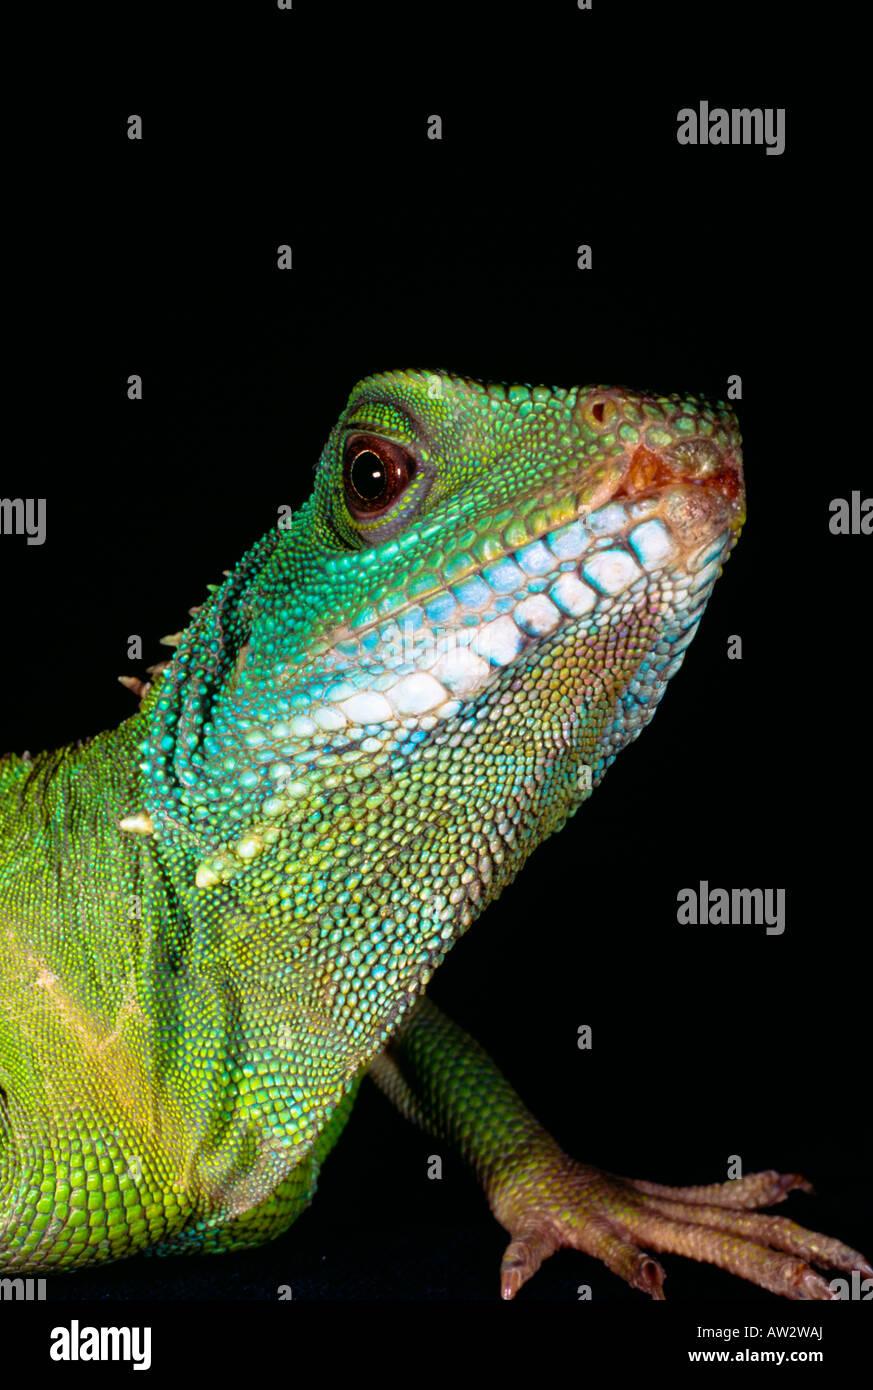 Green iguana - Stock Image